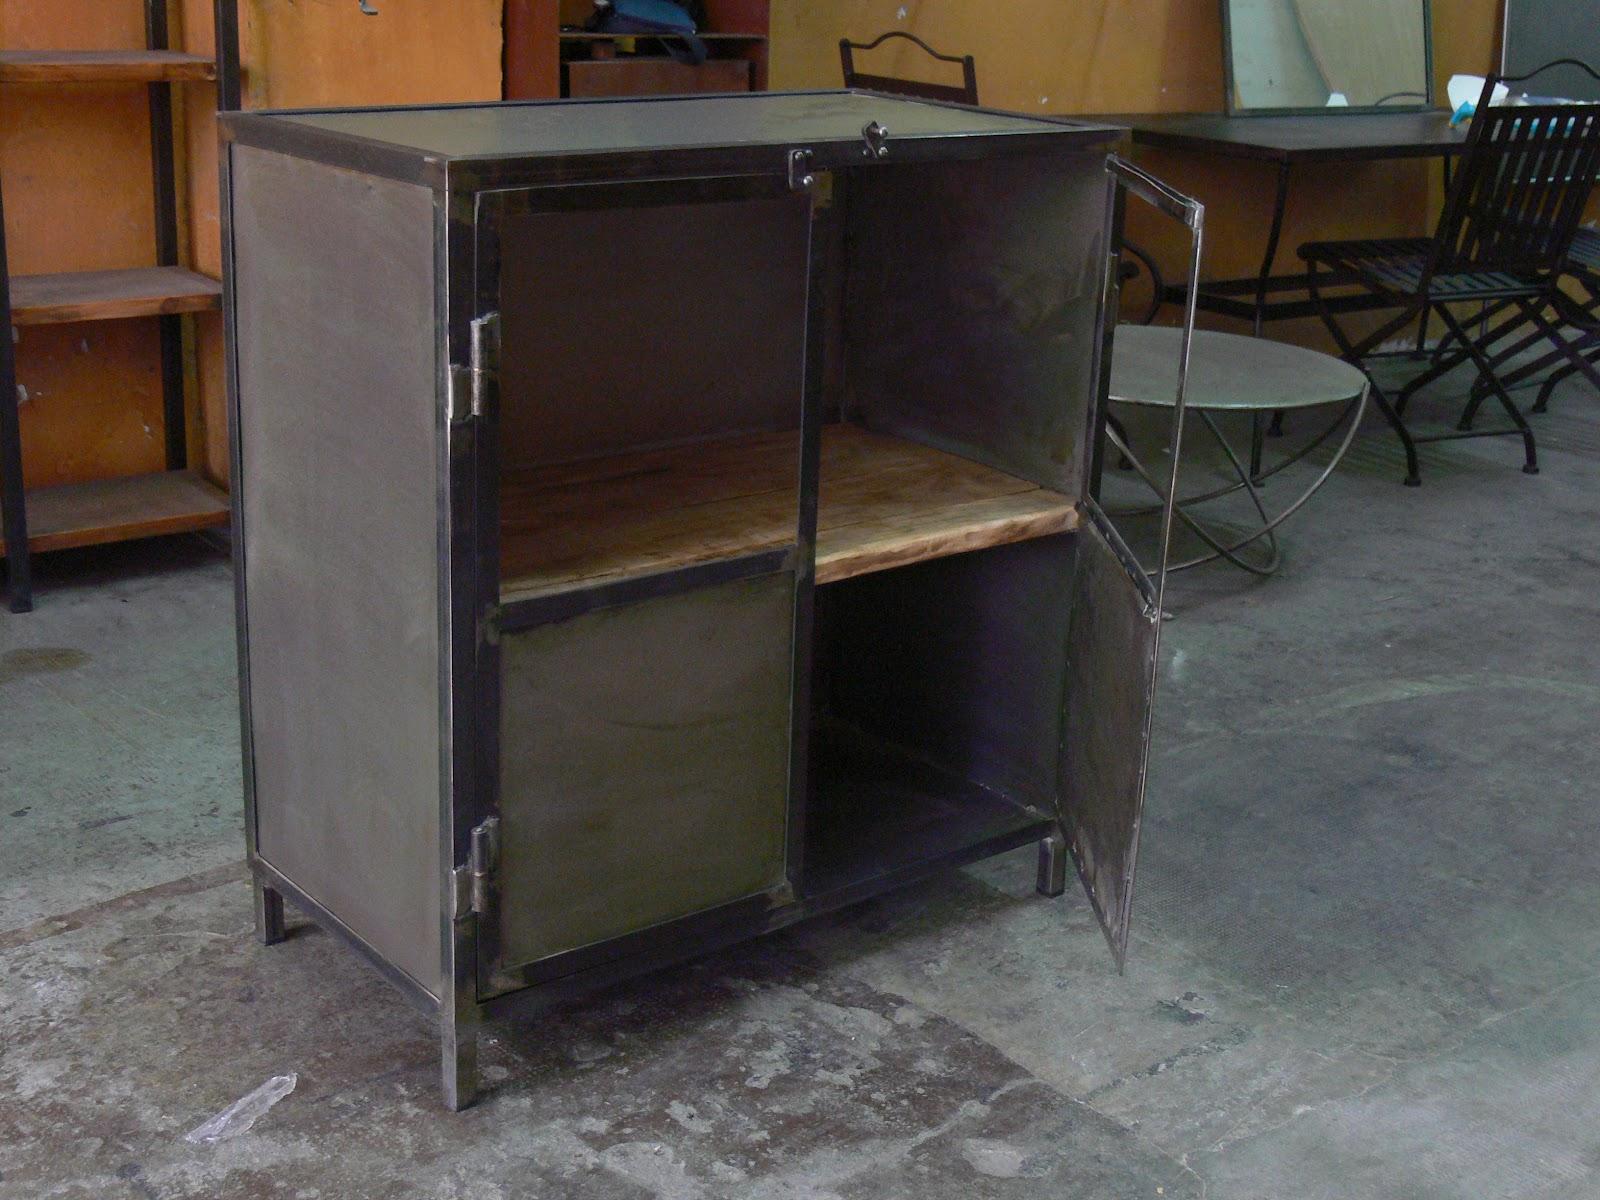 Muebles de estilo industrial y vintage en acero y madera - Muebles estilo vintage ...